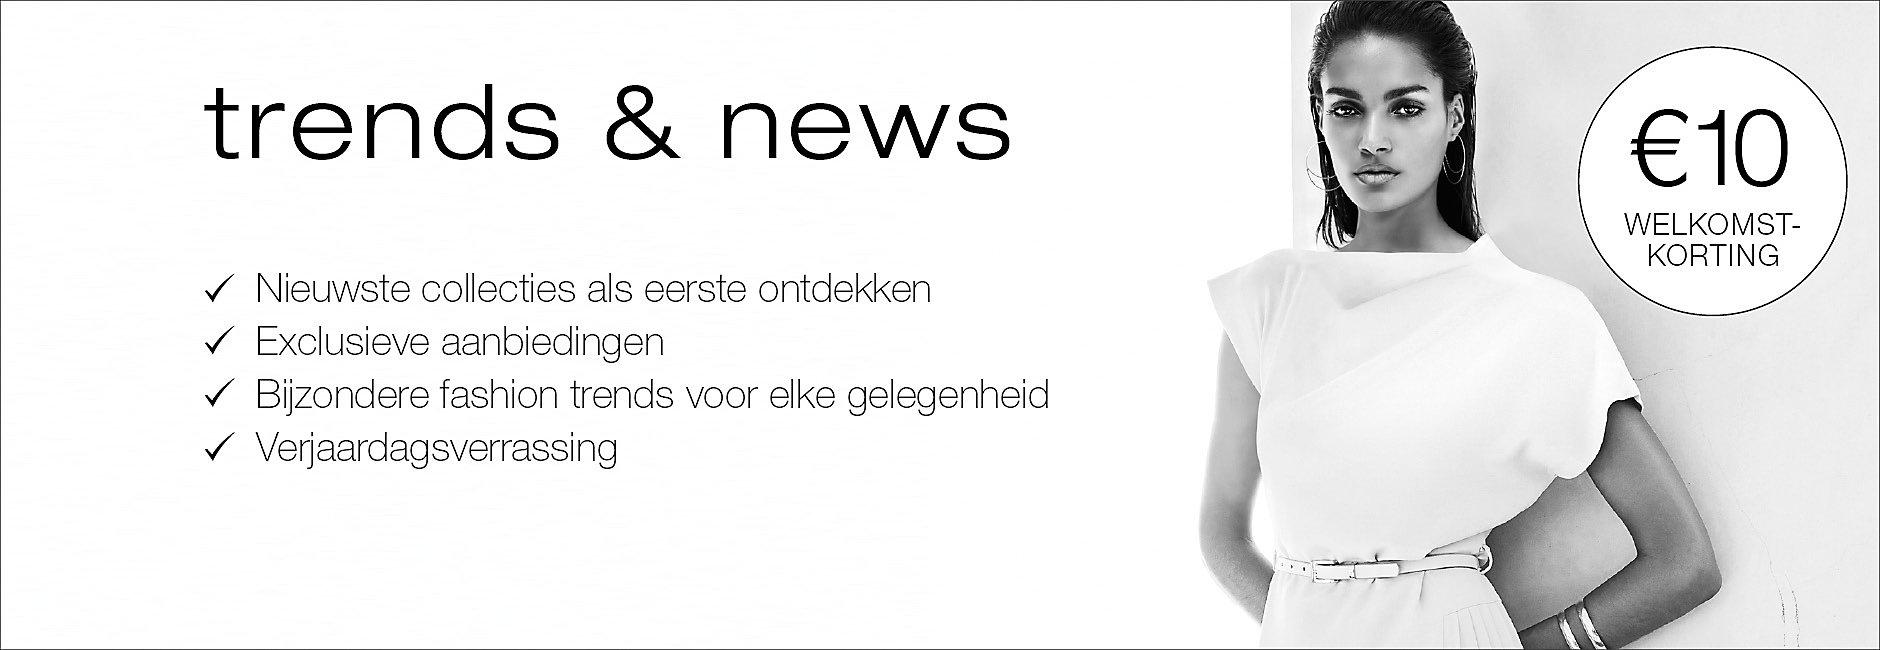 nl_deco_newsletter_d.jpg